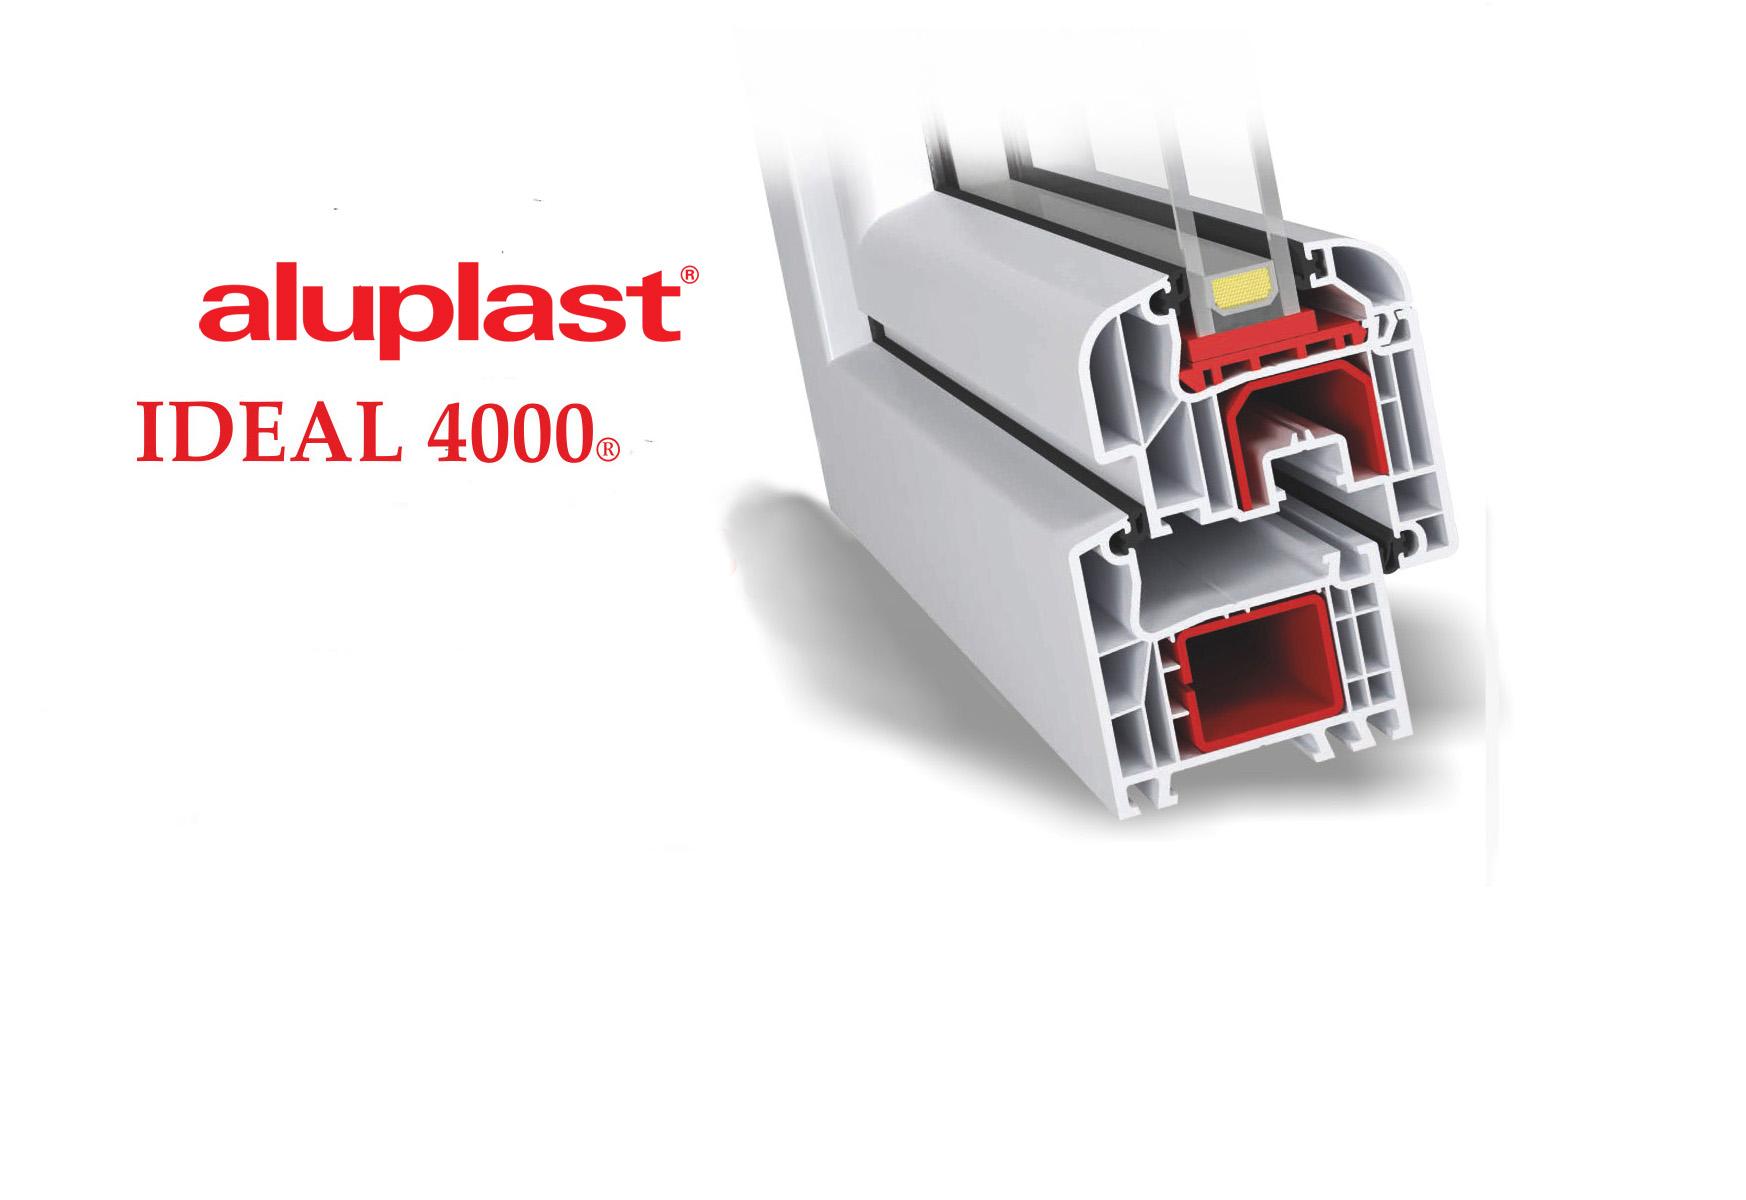 aluplast-ideal-nova-4000-linija-valjevo